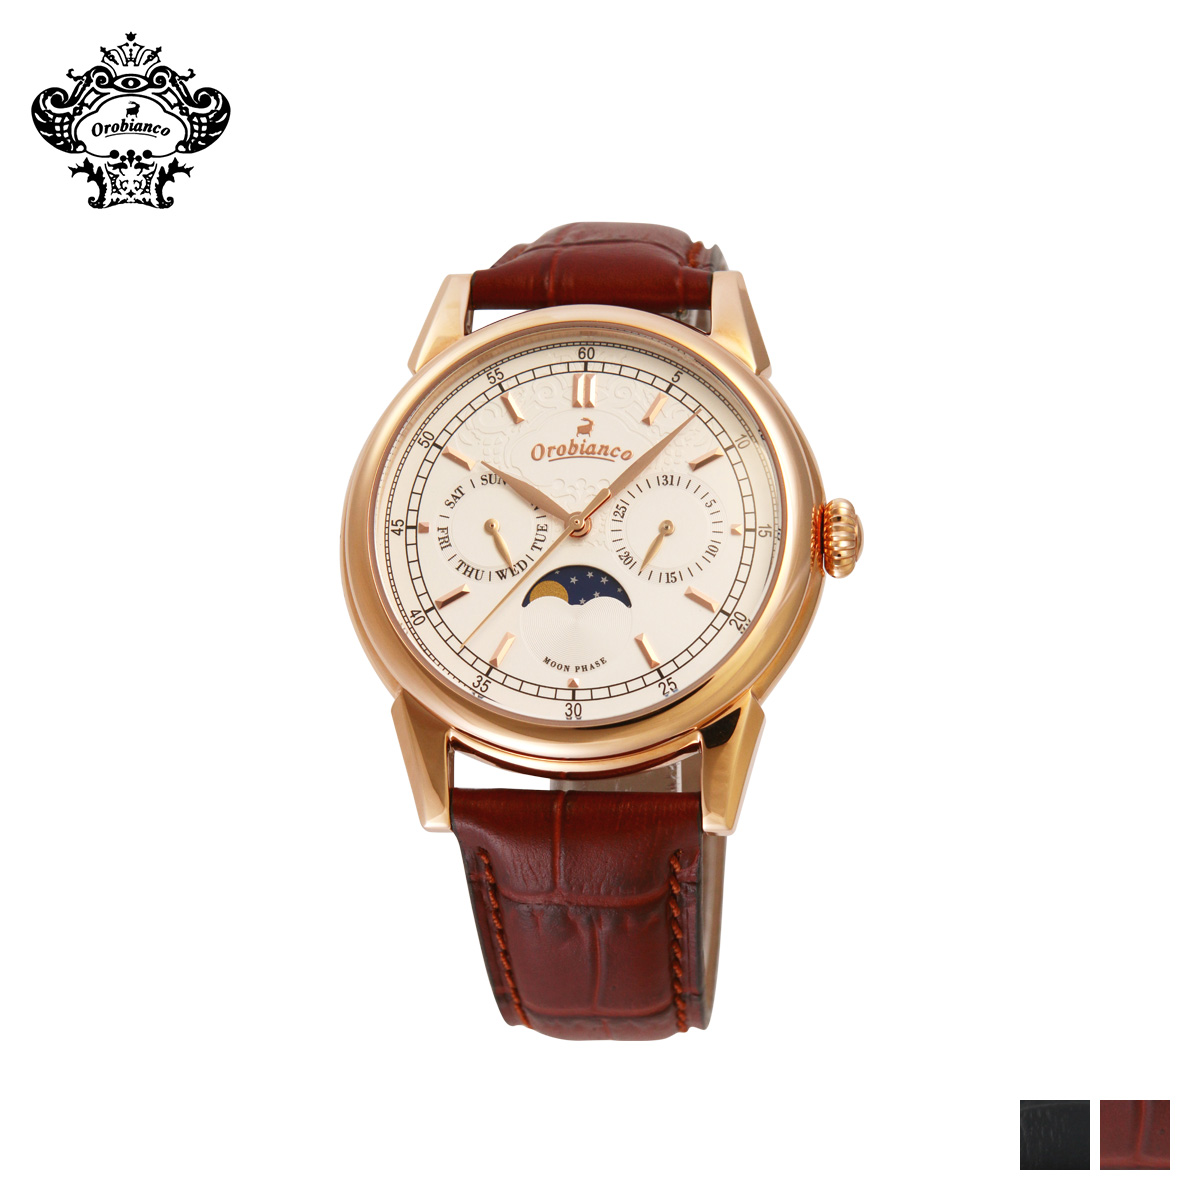 Orobianco オロビアンコ 時計 腕時計 メンズ クオーツ アナログ BIANCONERO ブラック ブラウン 黒 OR0074